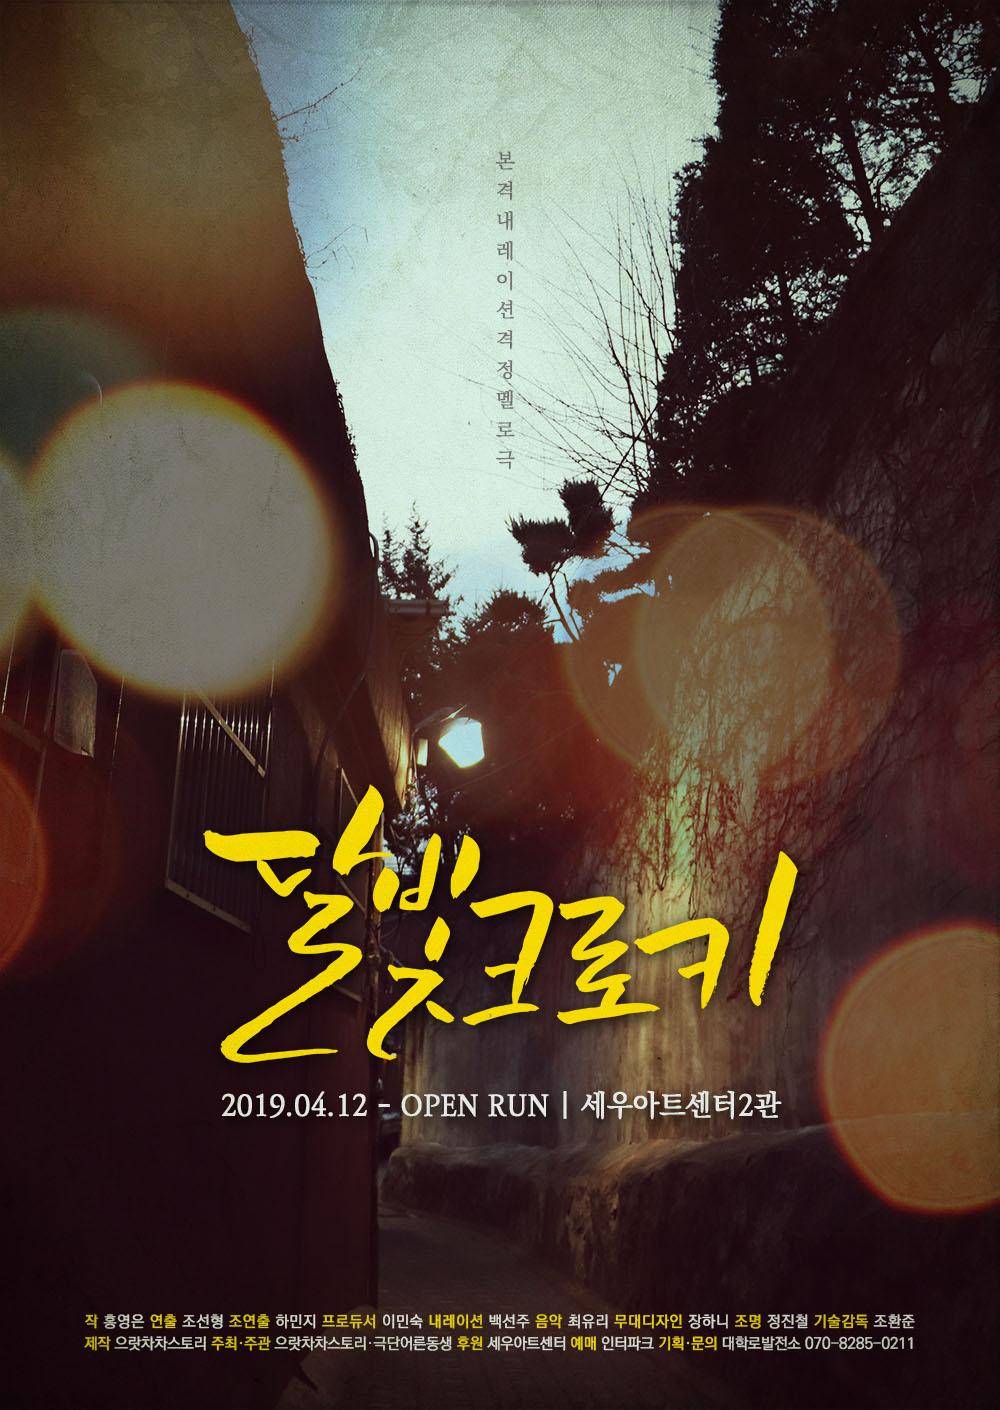 [달빛크로키] 포스터_RGB (저용량).JPG